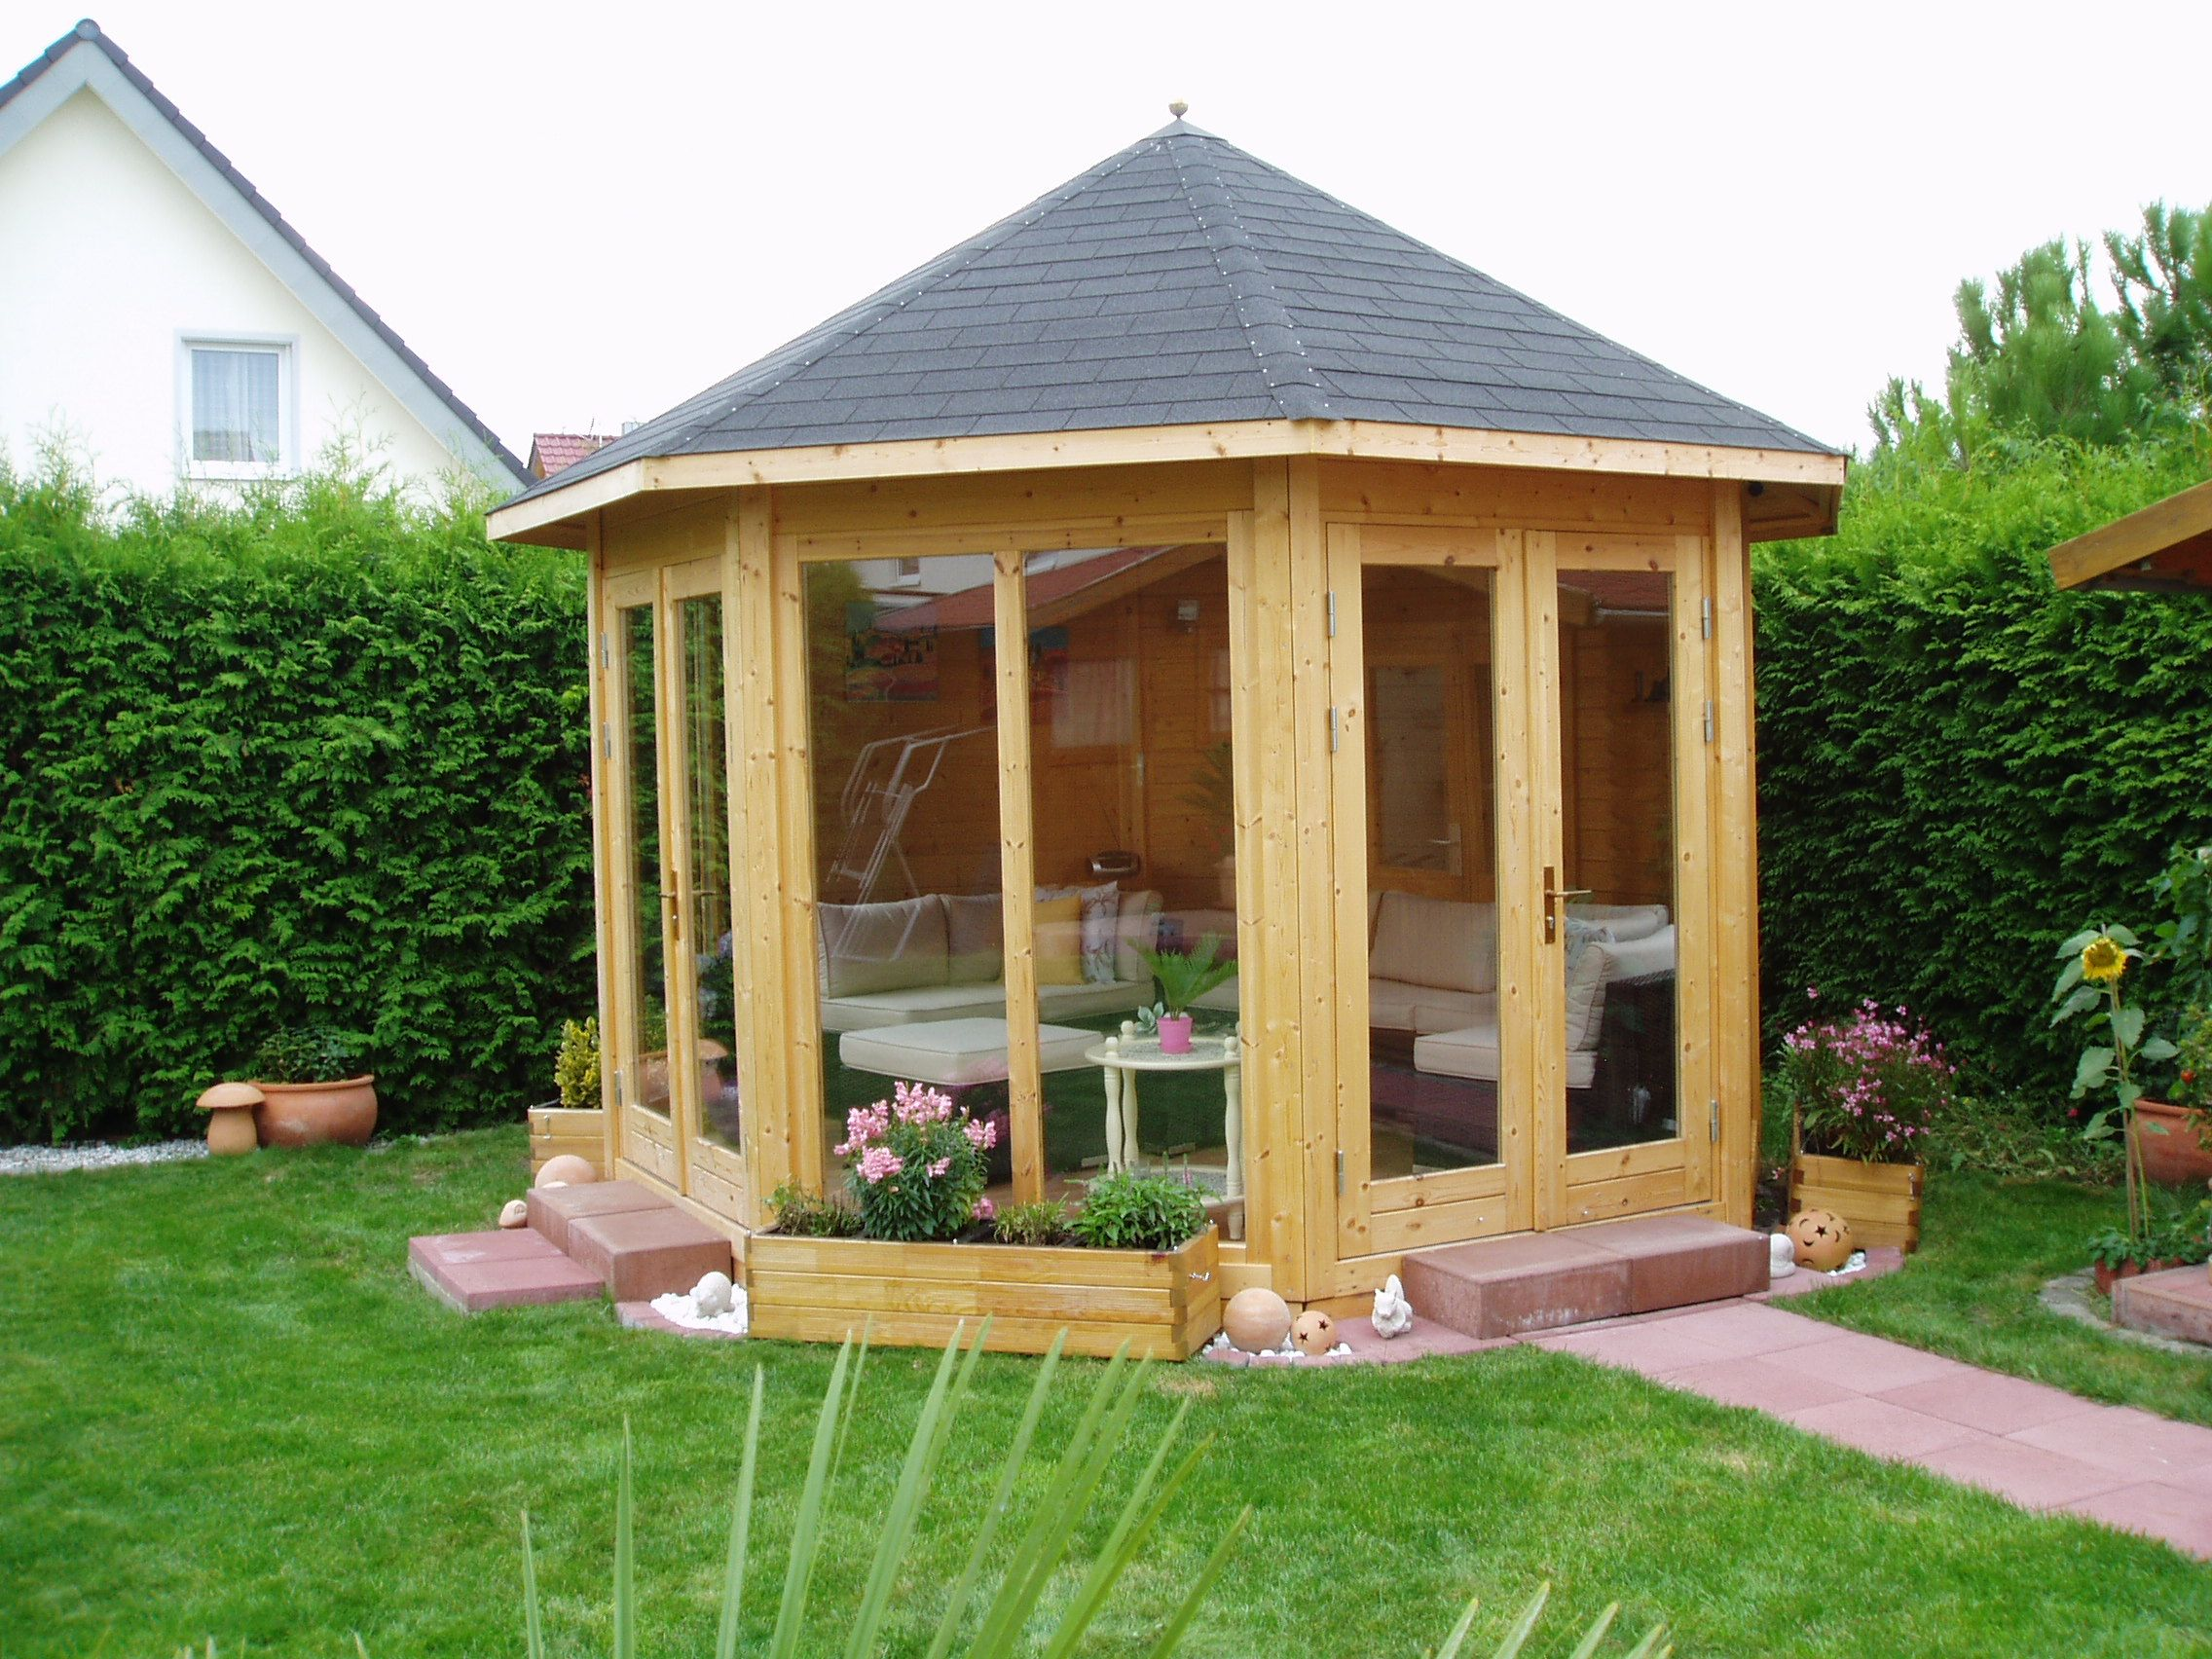 Gartenpavillon aus holz mit gem tlicher sitzecke gartenpavillons garten pavillon garten - Garten sitzecke holz ...